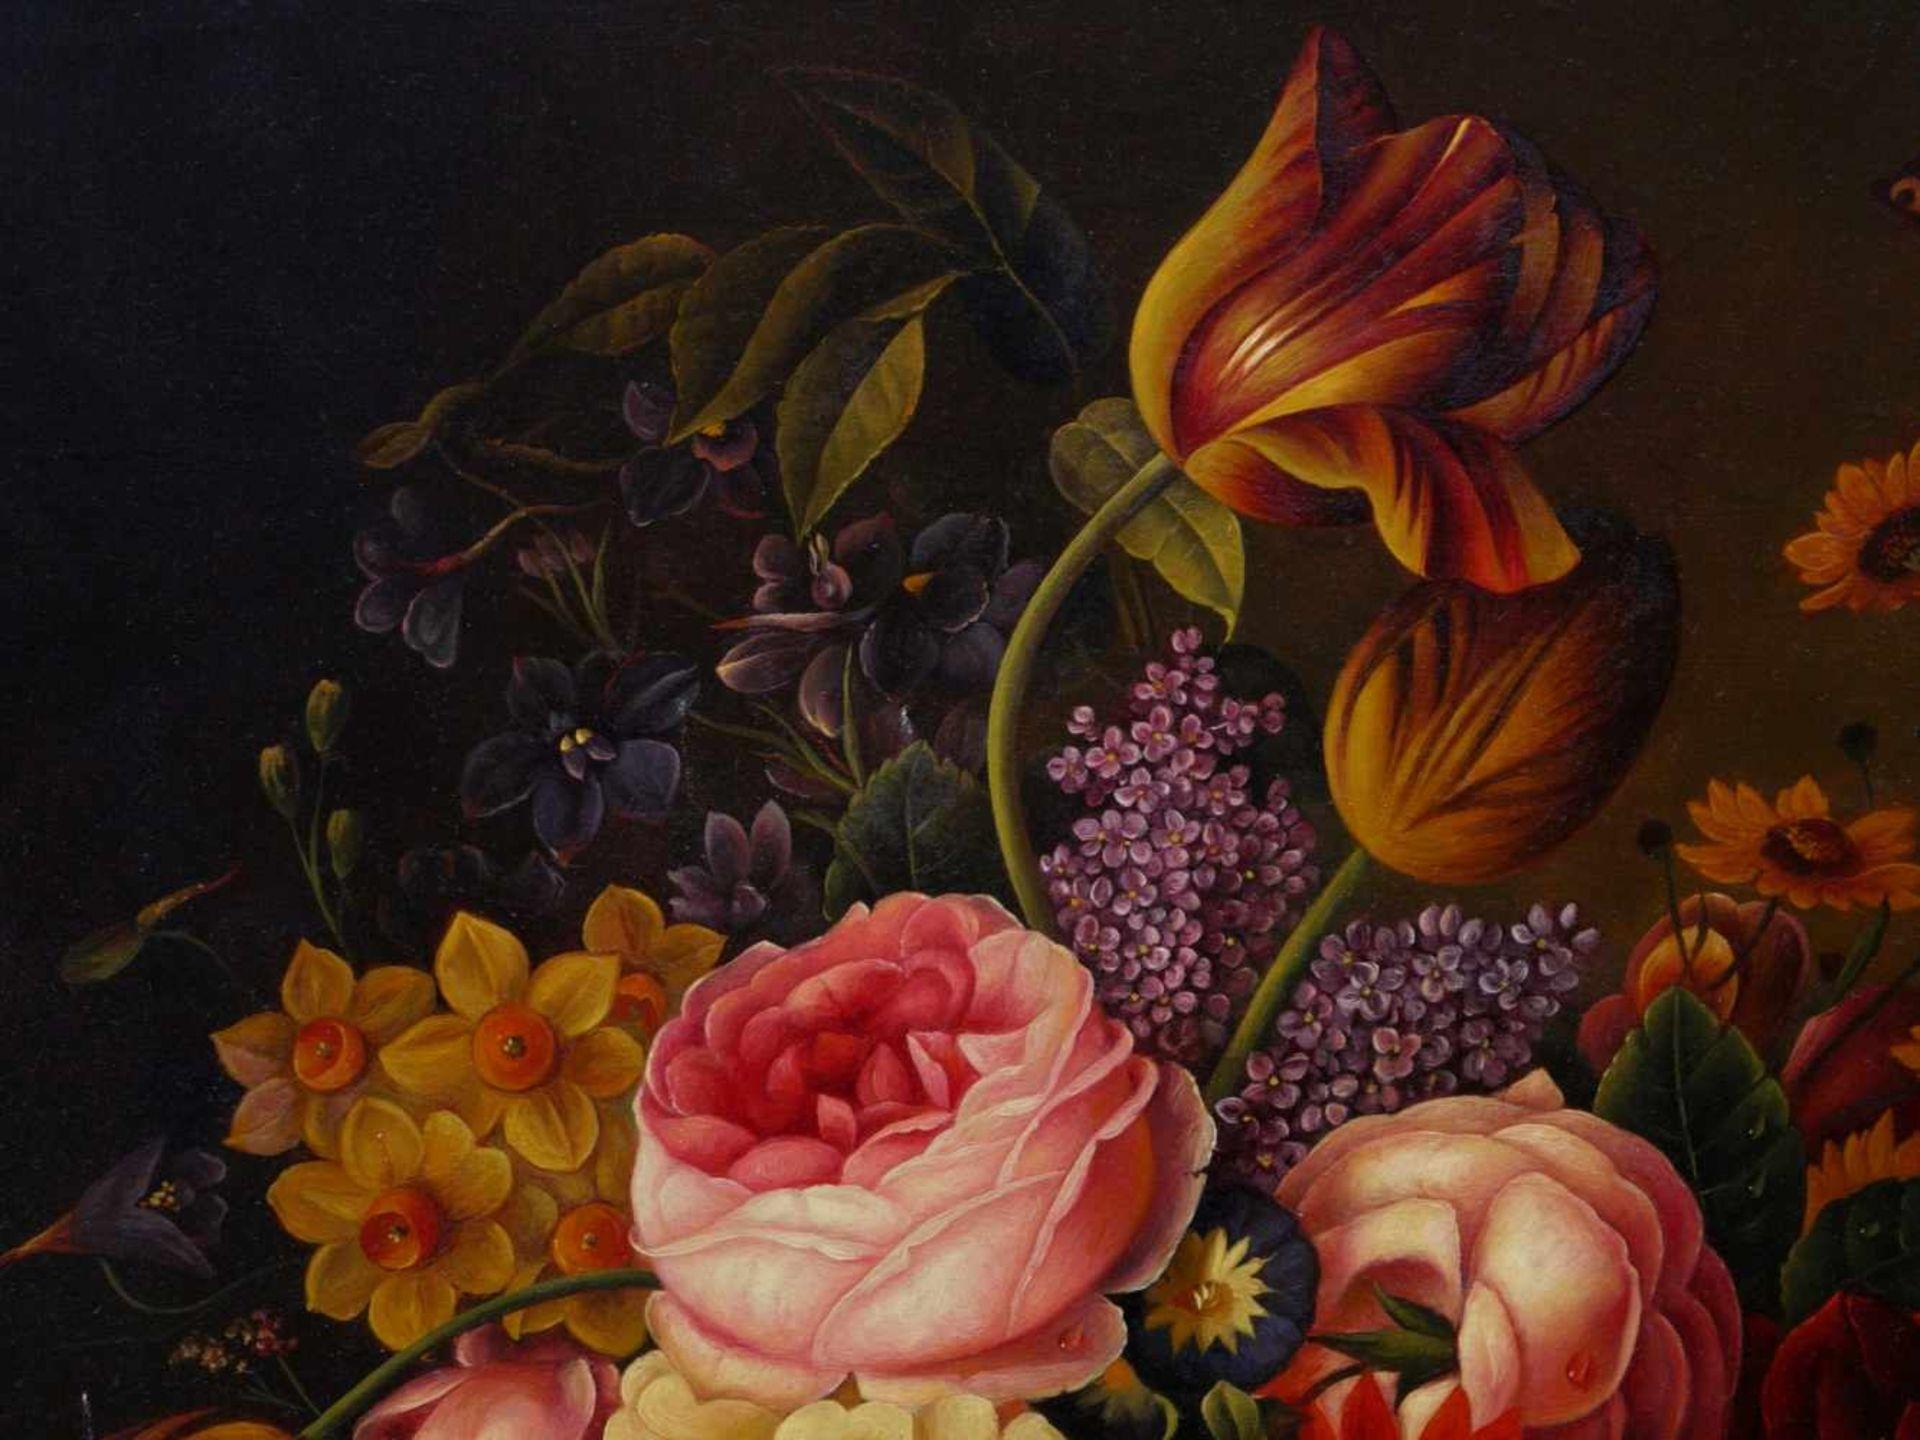 Holstayn, Josef (1930-?) - BlumenstückFeinste Malerei in typischer Manier des Künstler. Meisterhafte - Bild 6 aus 10